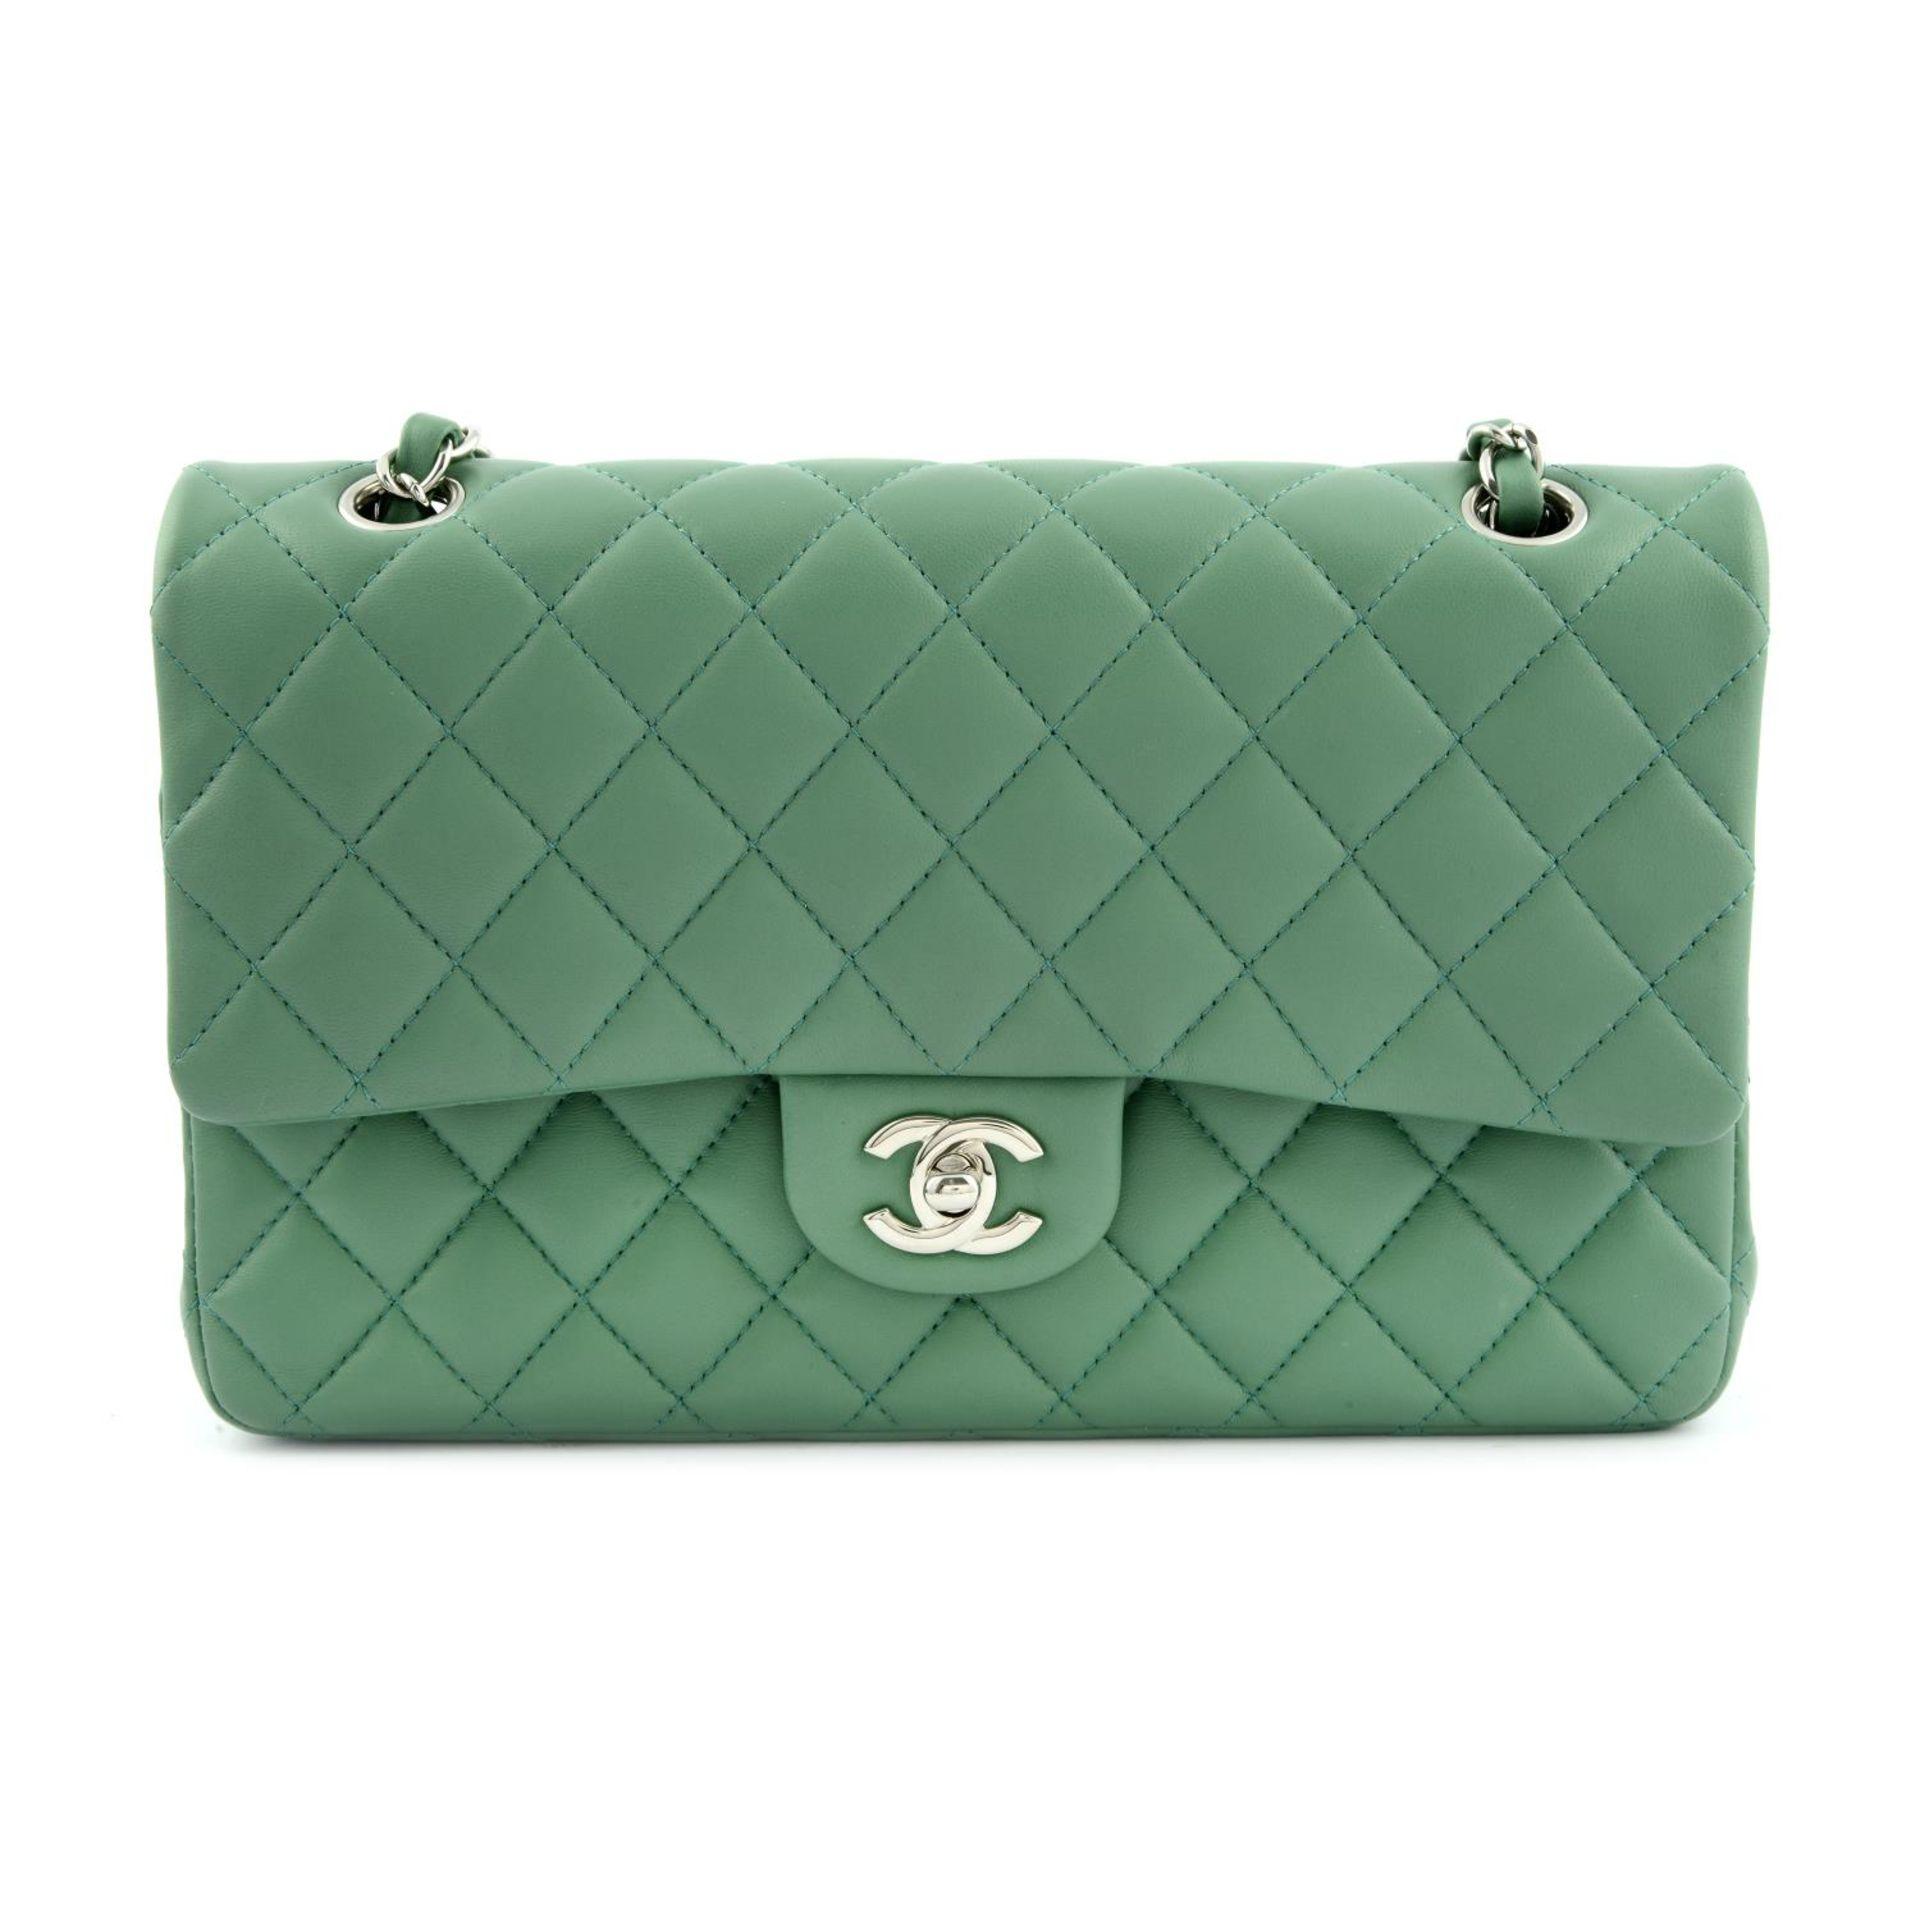 CHANEL - a green medium classic double flap handbag.